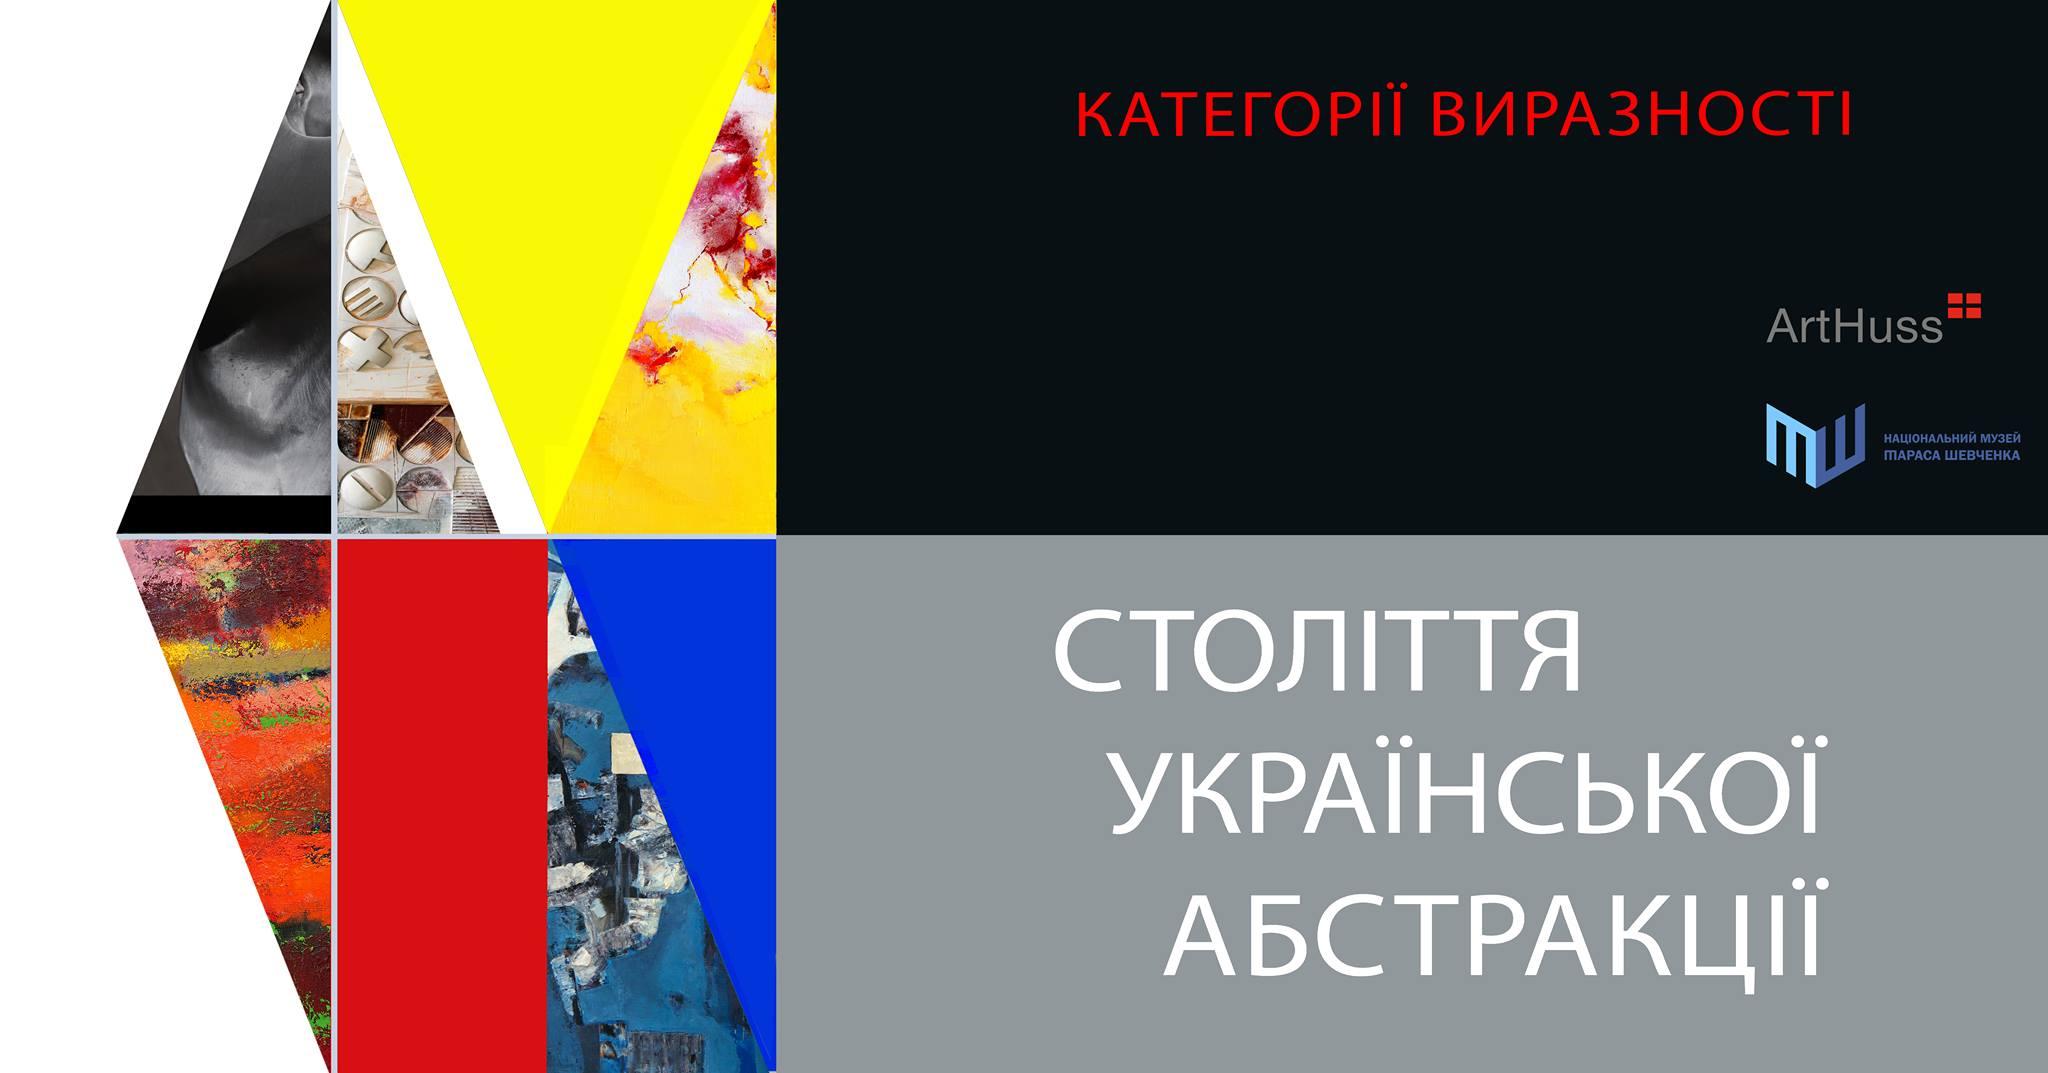 Століття української абстракції – выставка украинских художников-абстракционистов Категории выразительности